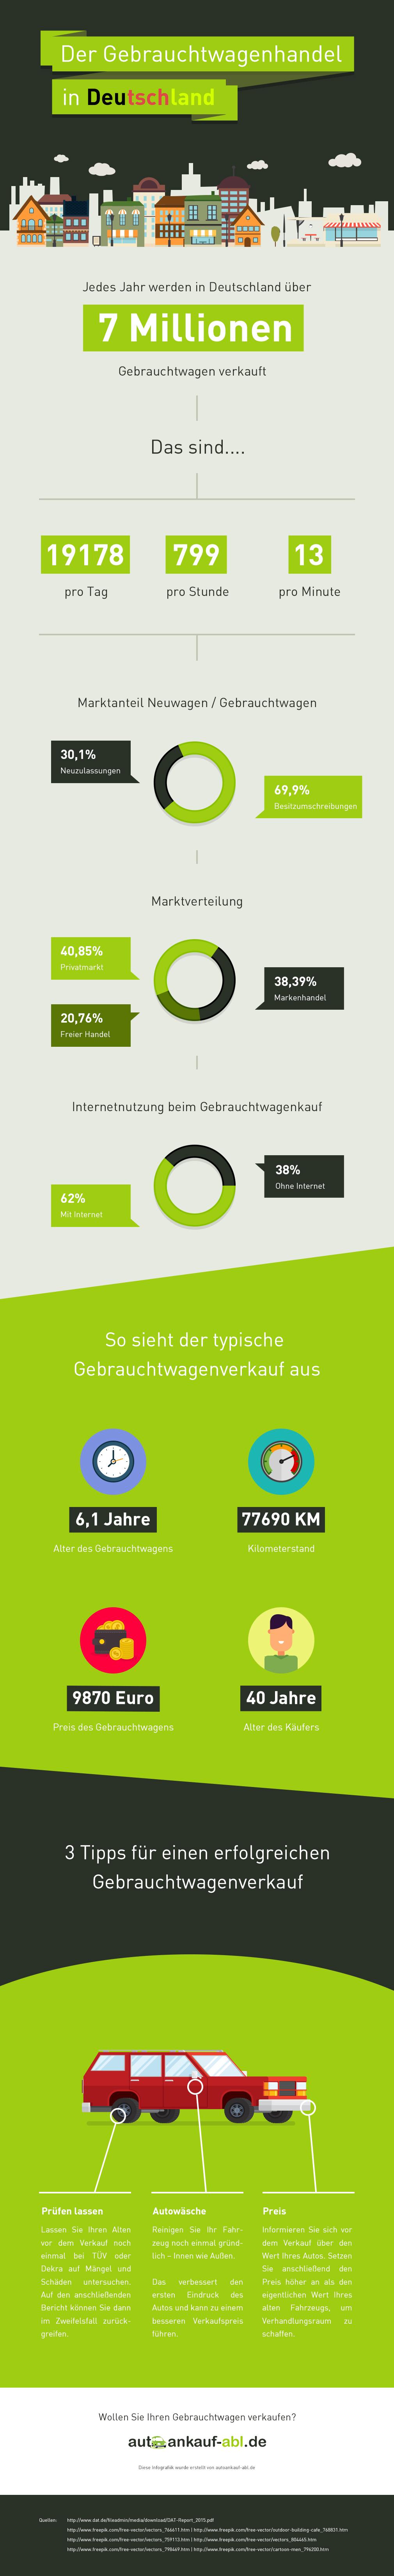 infografik_full